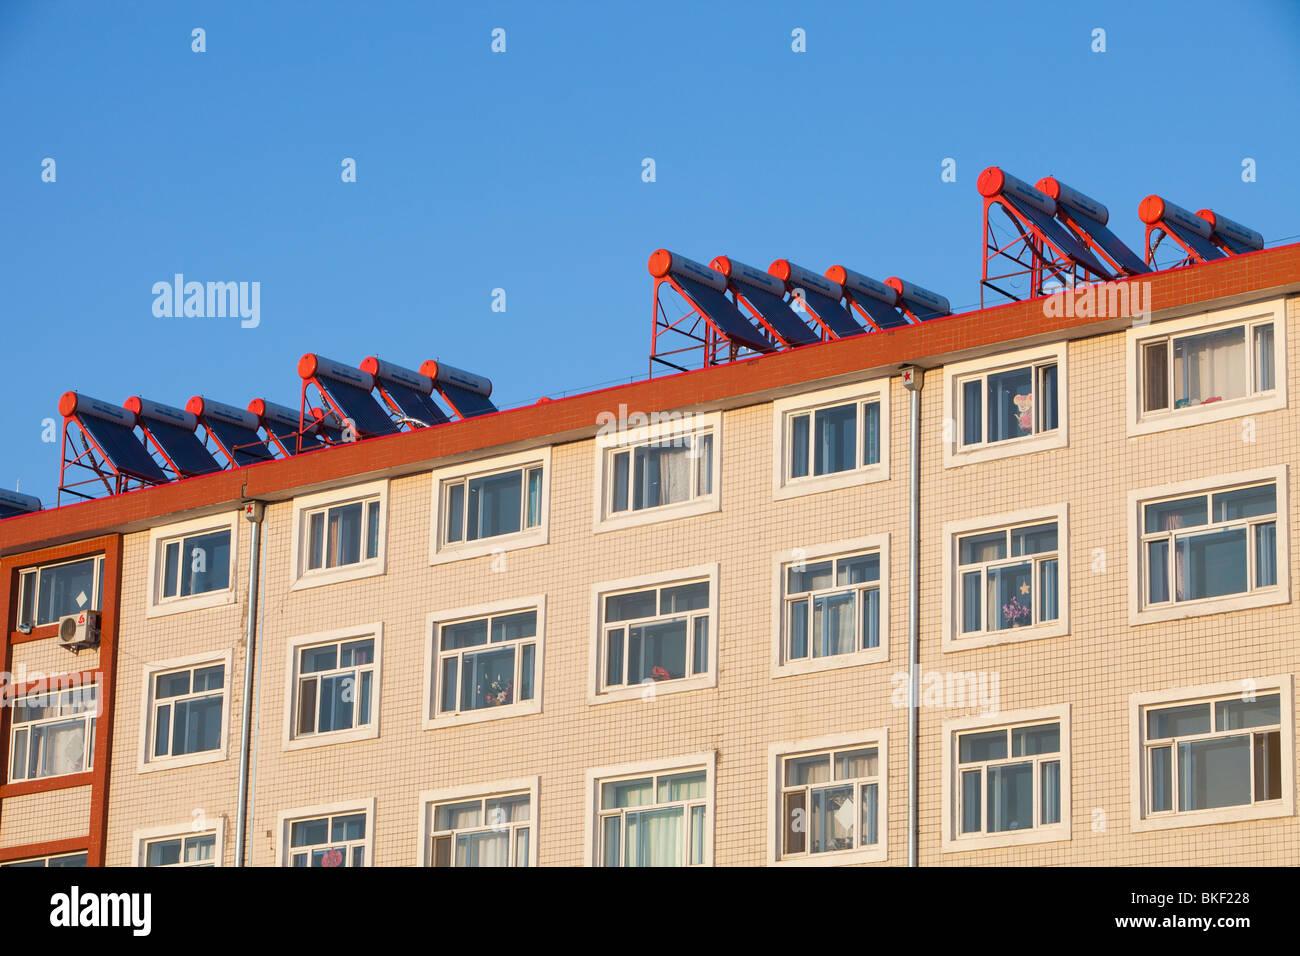 Nuovi appartamenti cinesi con calorifero di acqua solare sul tetto. Immagini Stock